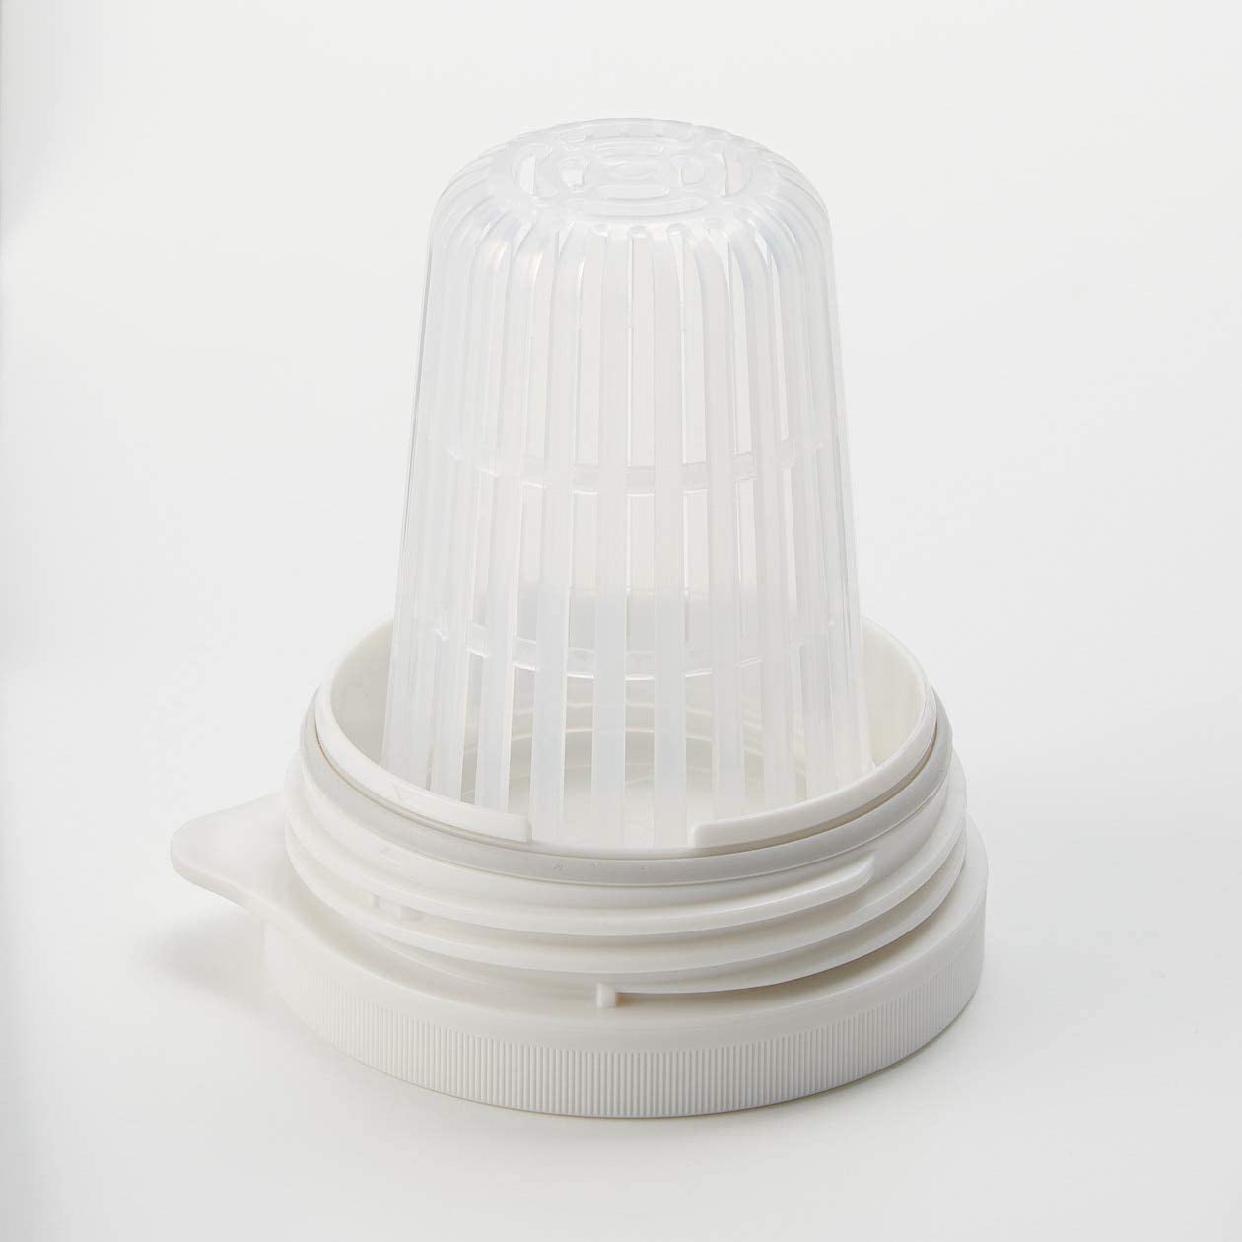 無印良品(MUJI) アクリル冷水筒 冷水専用約2L 44220931の商品画像6